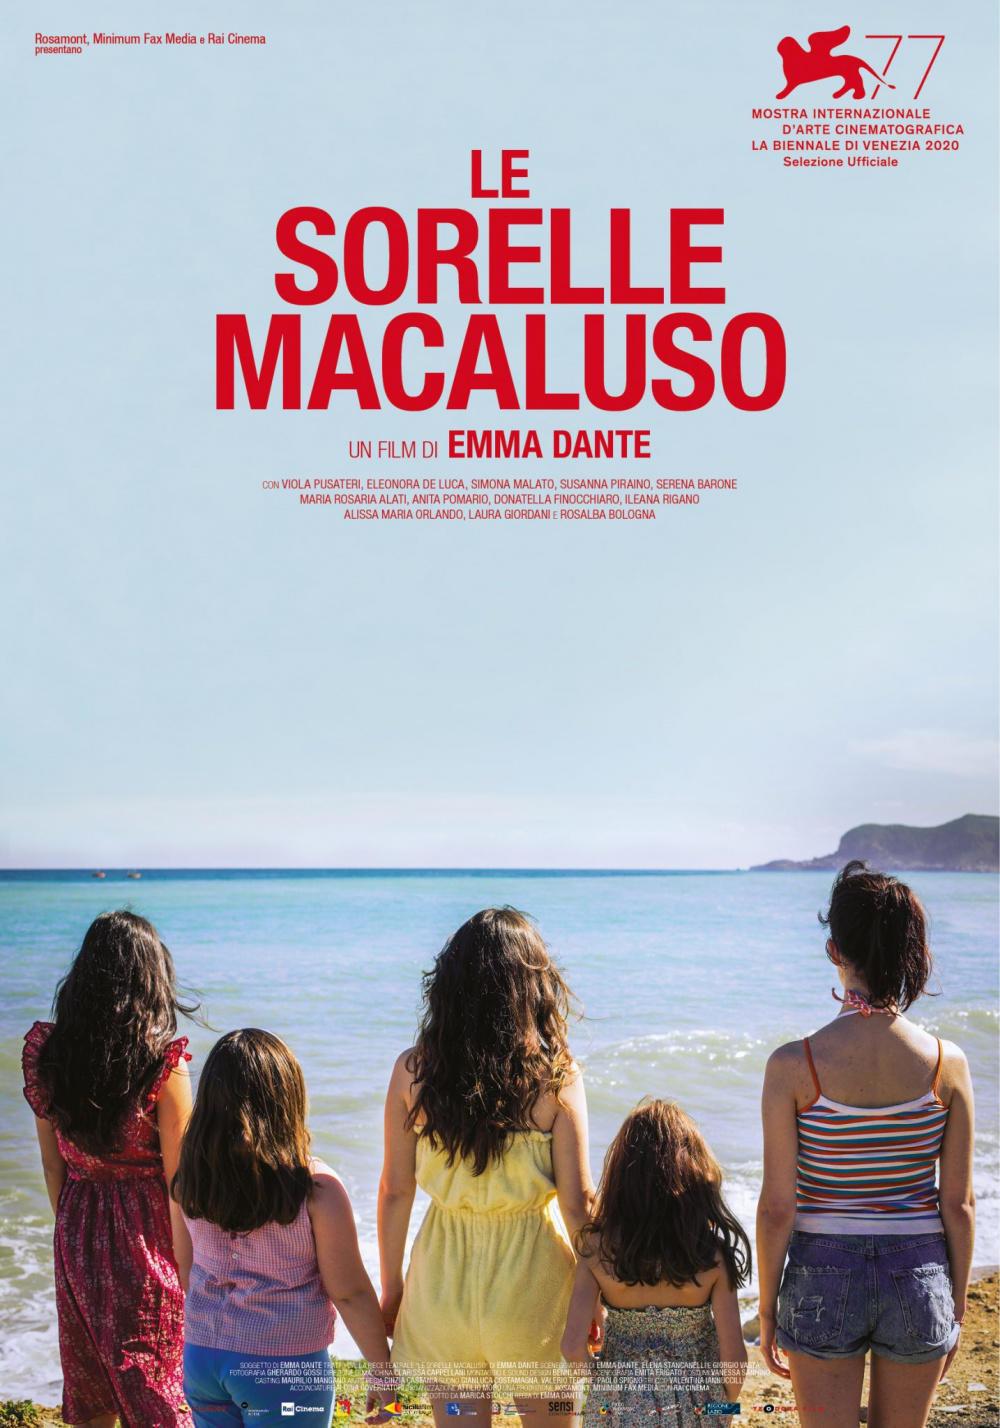 affiche du film Le sorelle Malacuso